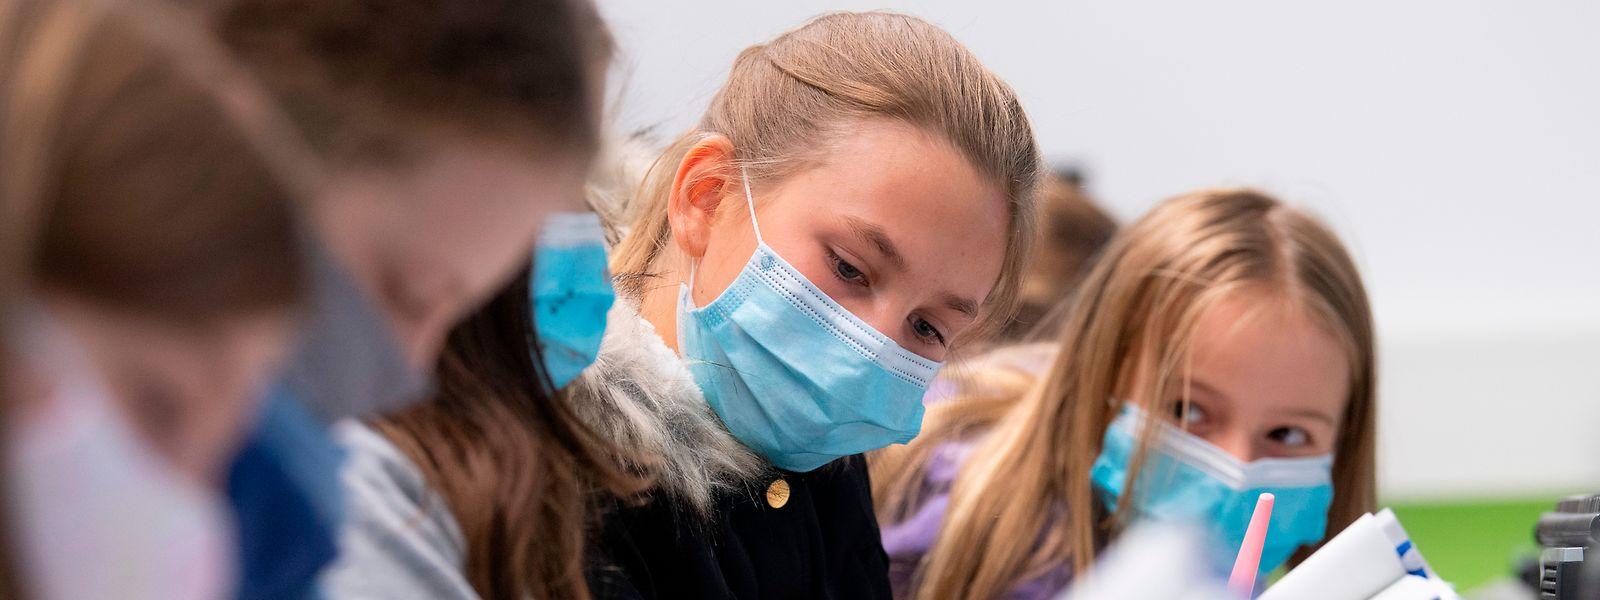 Bildungsminister Claude Meisch (DP) hat am Donnerstag seinen Covid-Bericht zur Infektionslage seit der Rentrée aus den Schulen vorgestellt und sieht momentan keine Notwendigkeit für die Einführung eines A/B-Modells in den höheren Klassen. Aber das Stufenmodell wird angepasst.